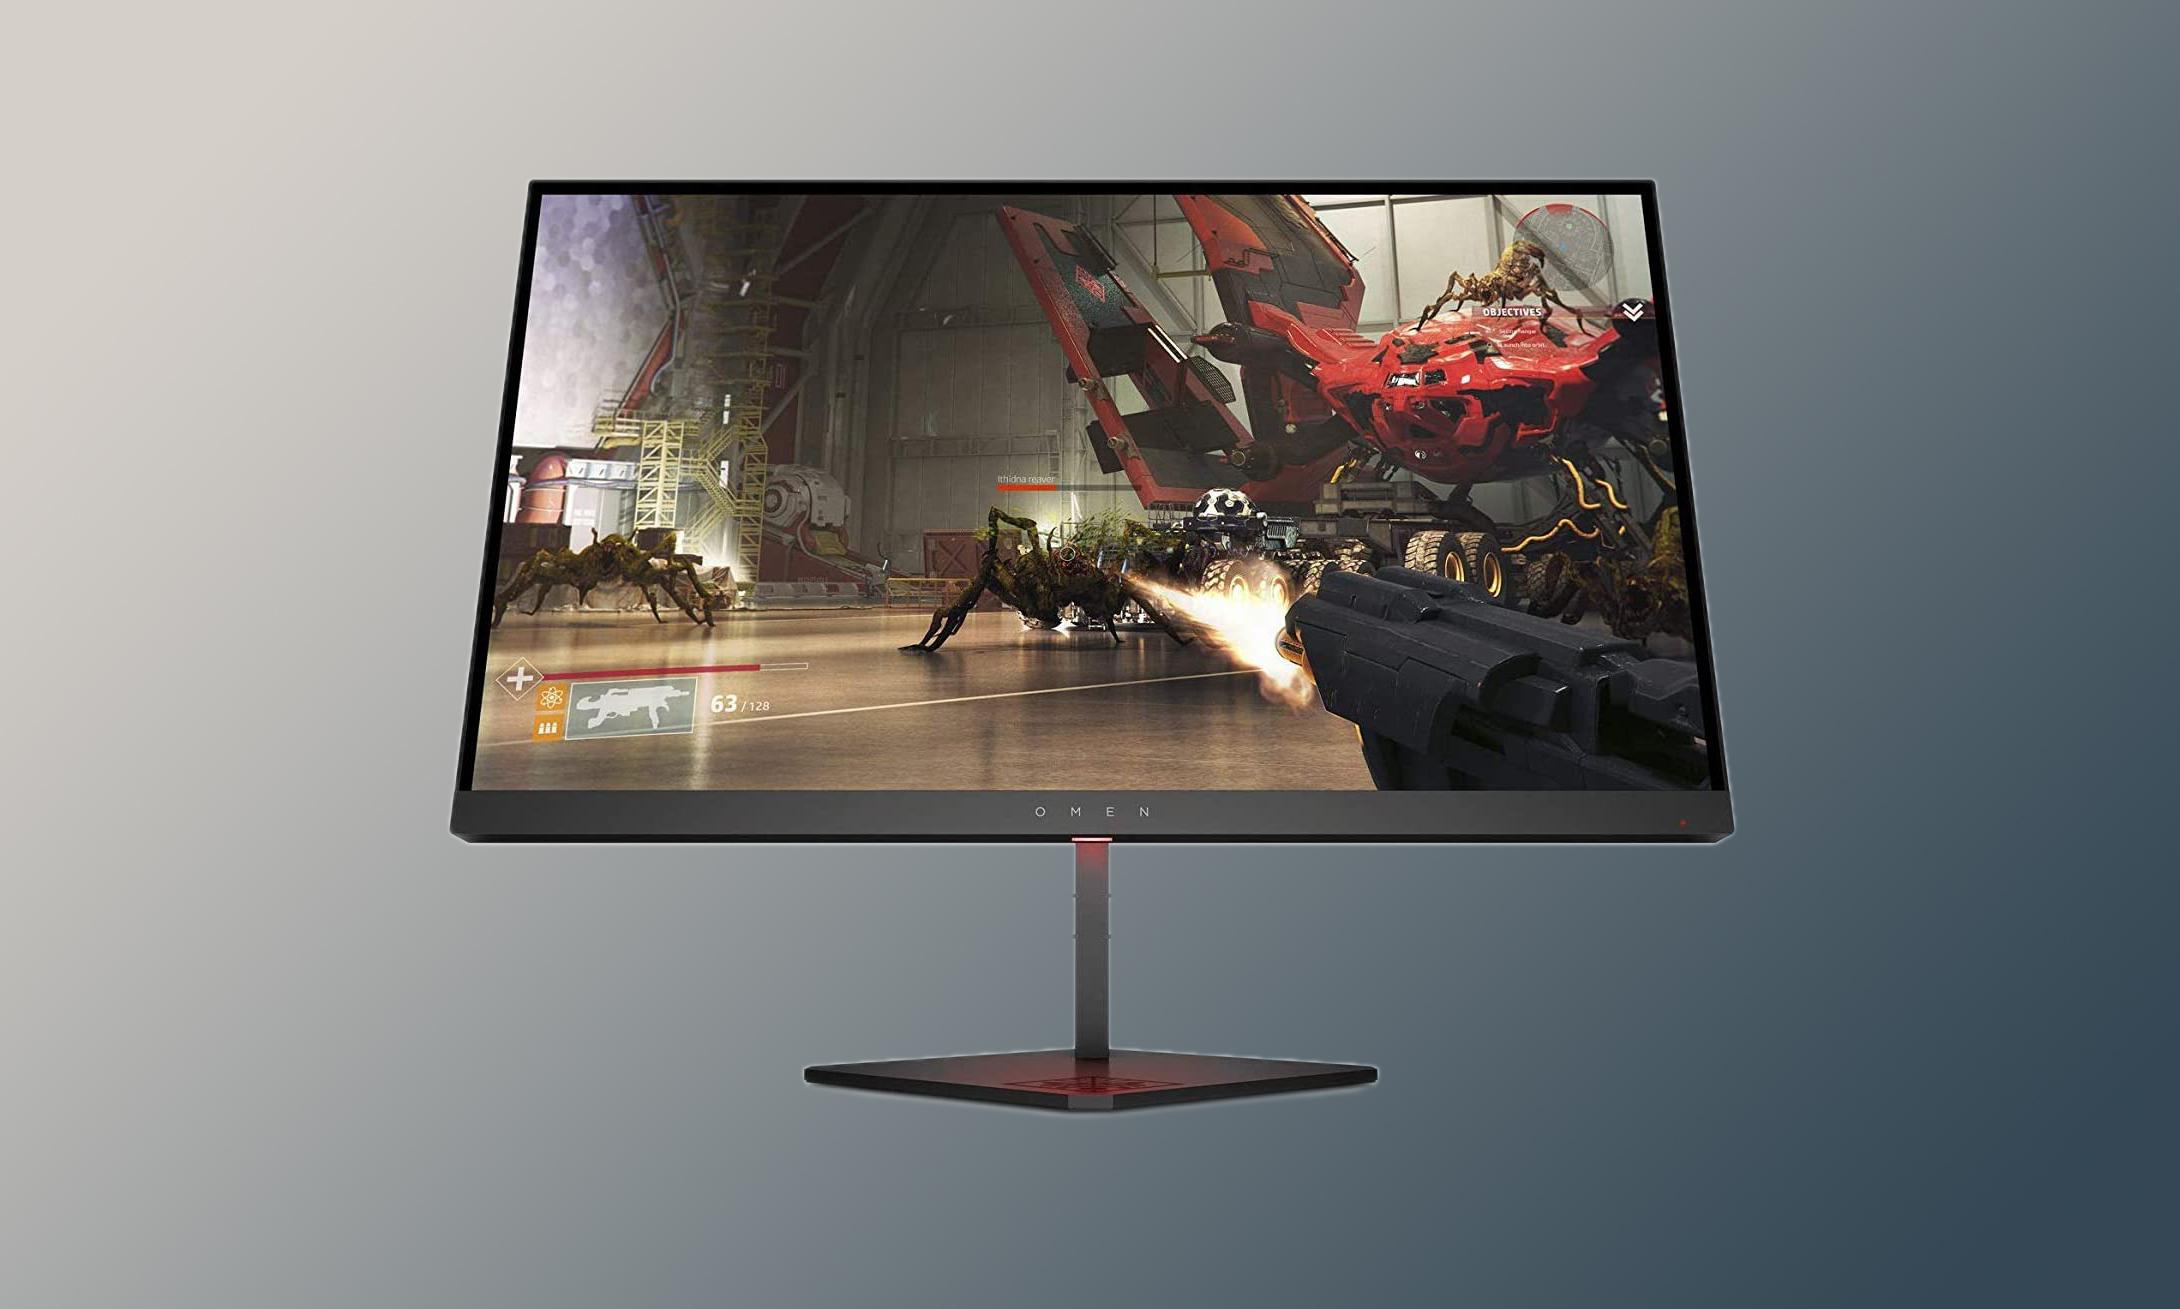 Super prezzo per il monitor gaming HP Omen X a 240 Hz: oggi a 229€! - image  on https://www.zxbyte.com